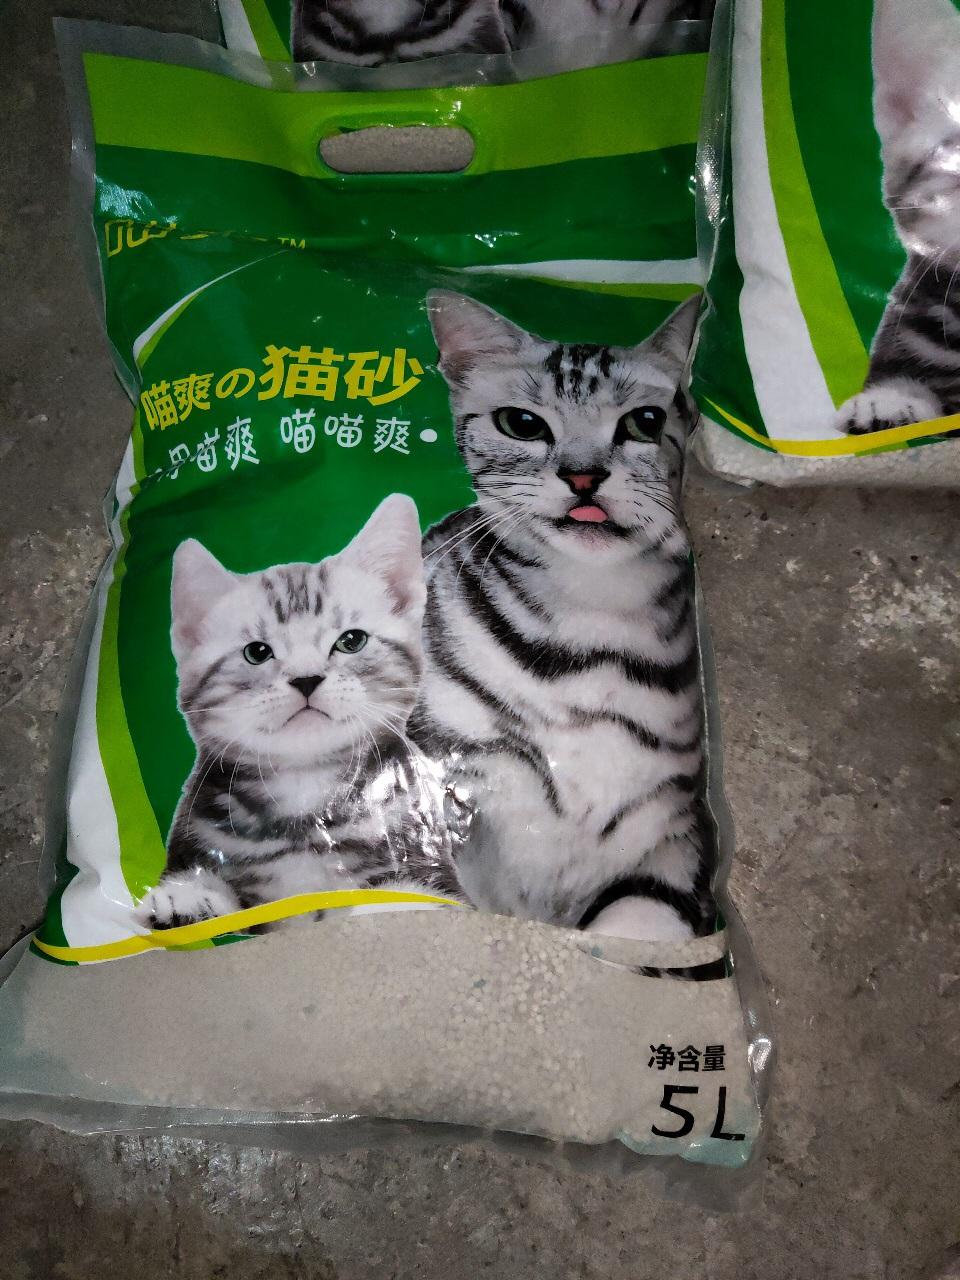 10元出猫砂